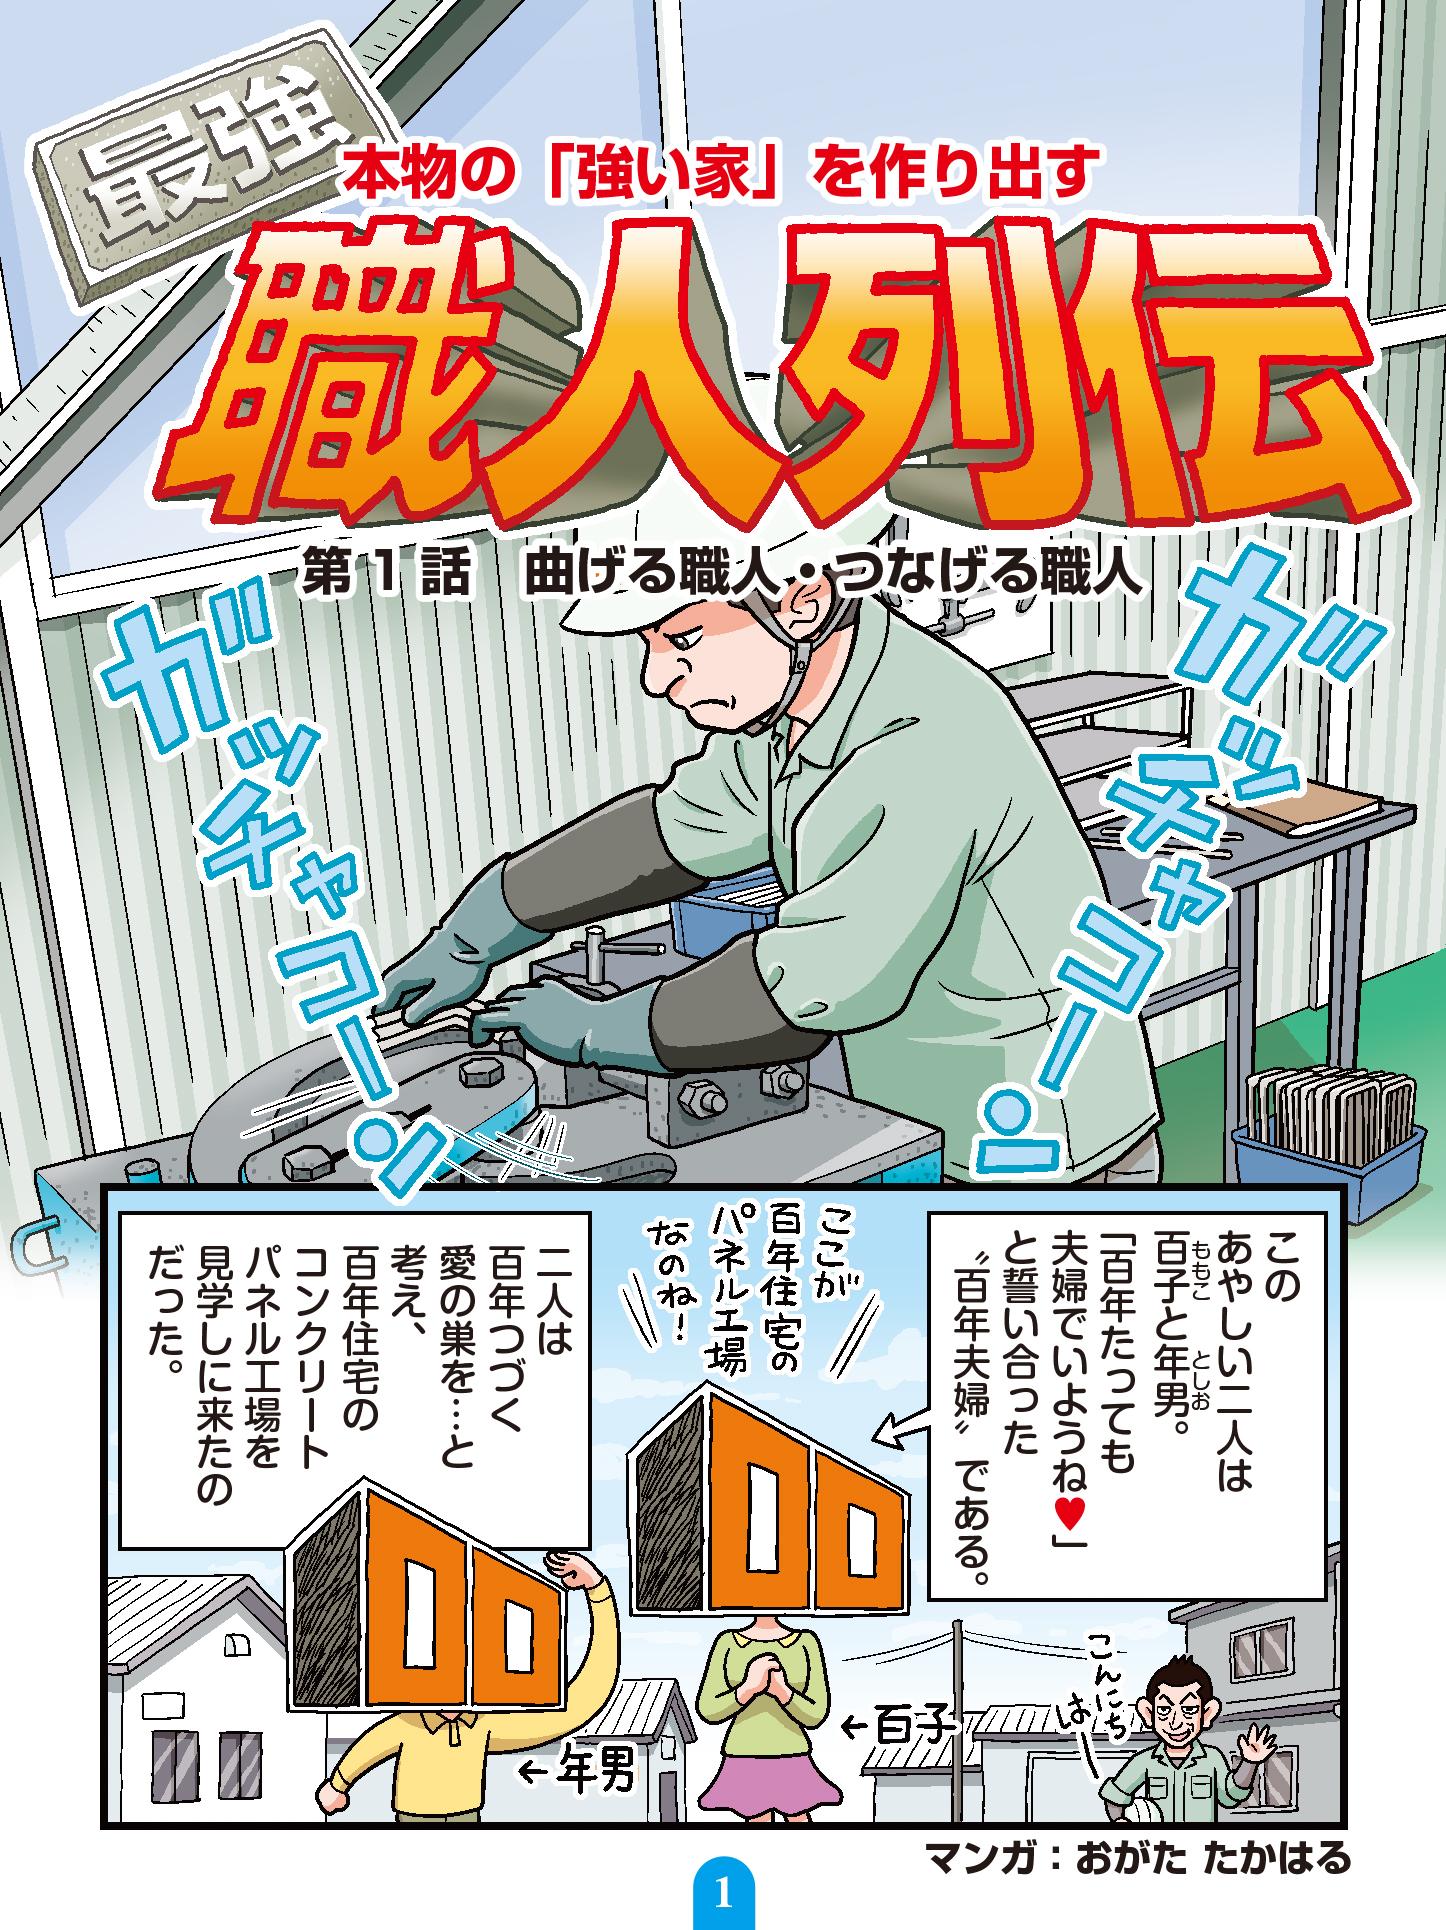 最強職人列伝 第1話 曲げる職人・つなげる職人01